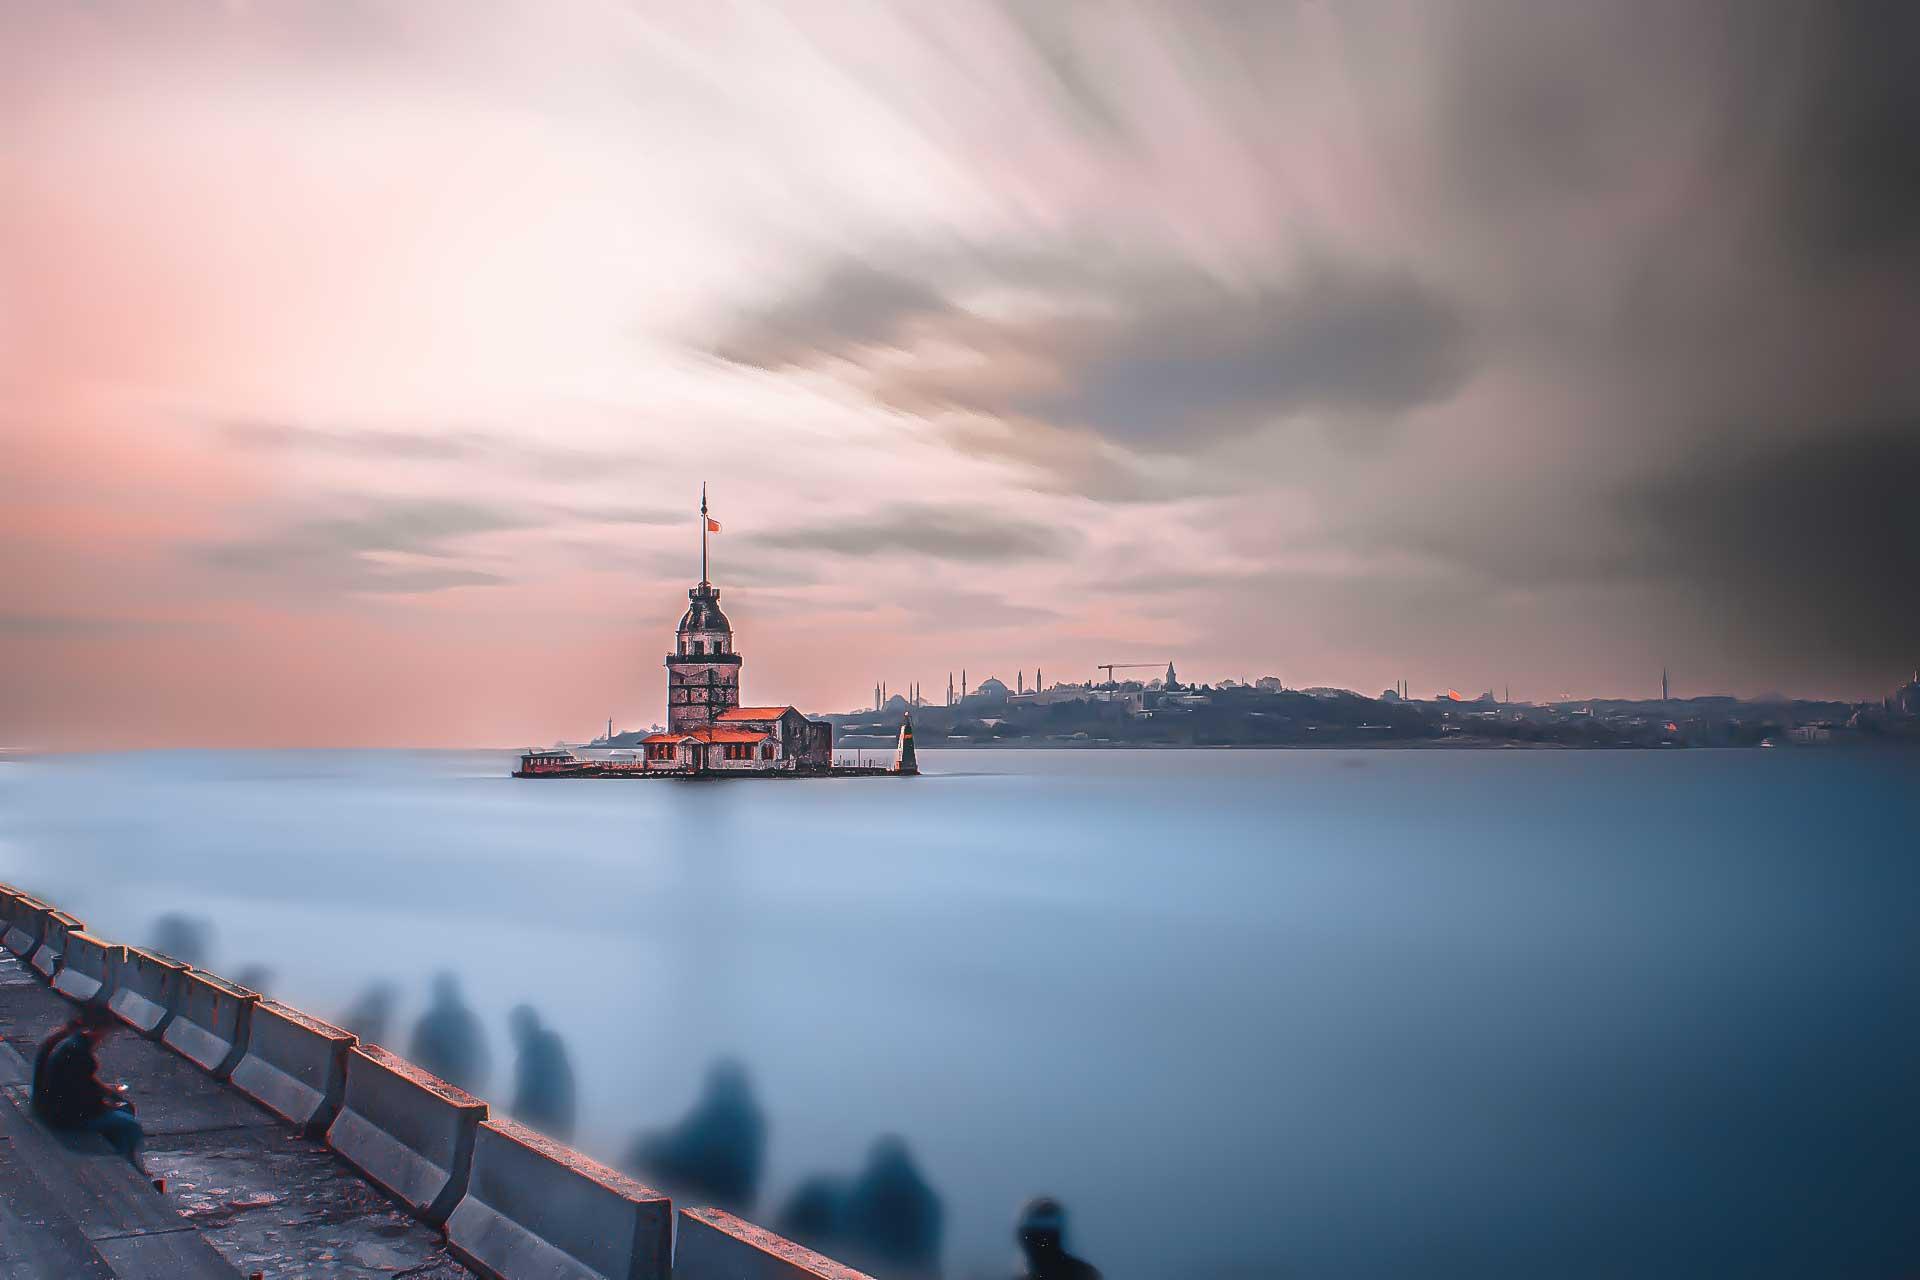 İstanbul Fotoğrafları Kız Kulesi uzun pozlama Maiden Tower Exposure Çekergezer Hakan Aydın Fotoğrafları